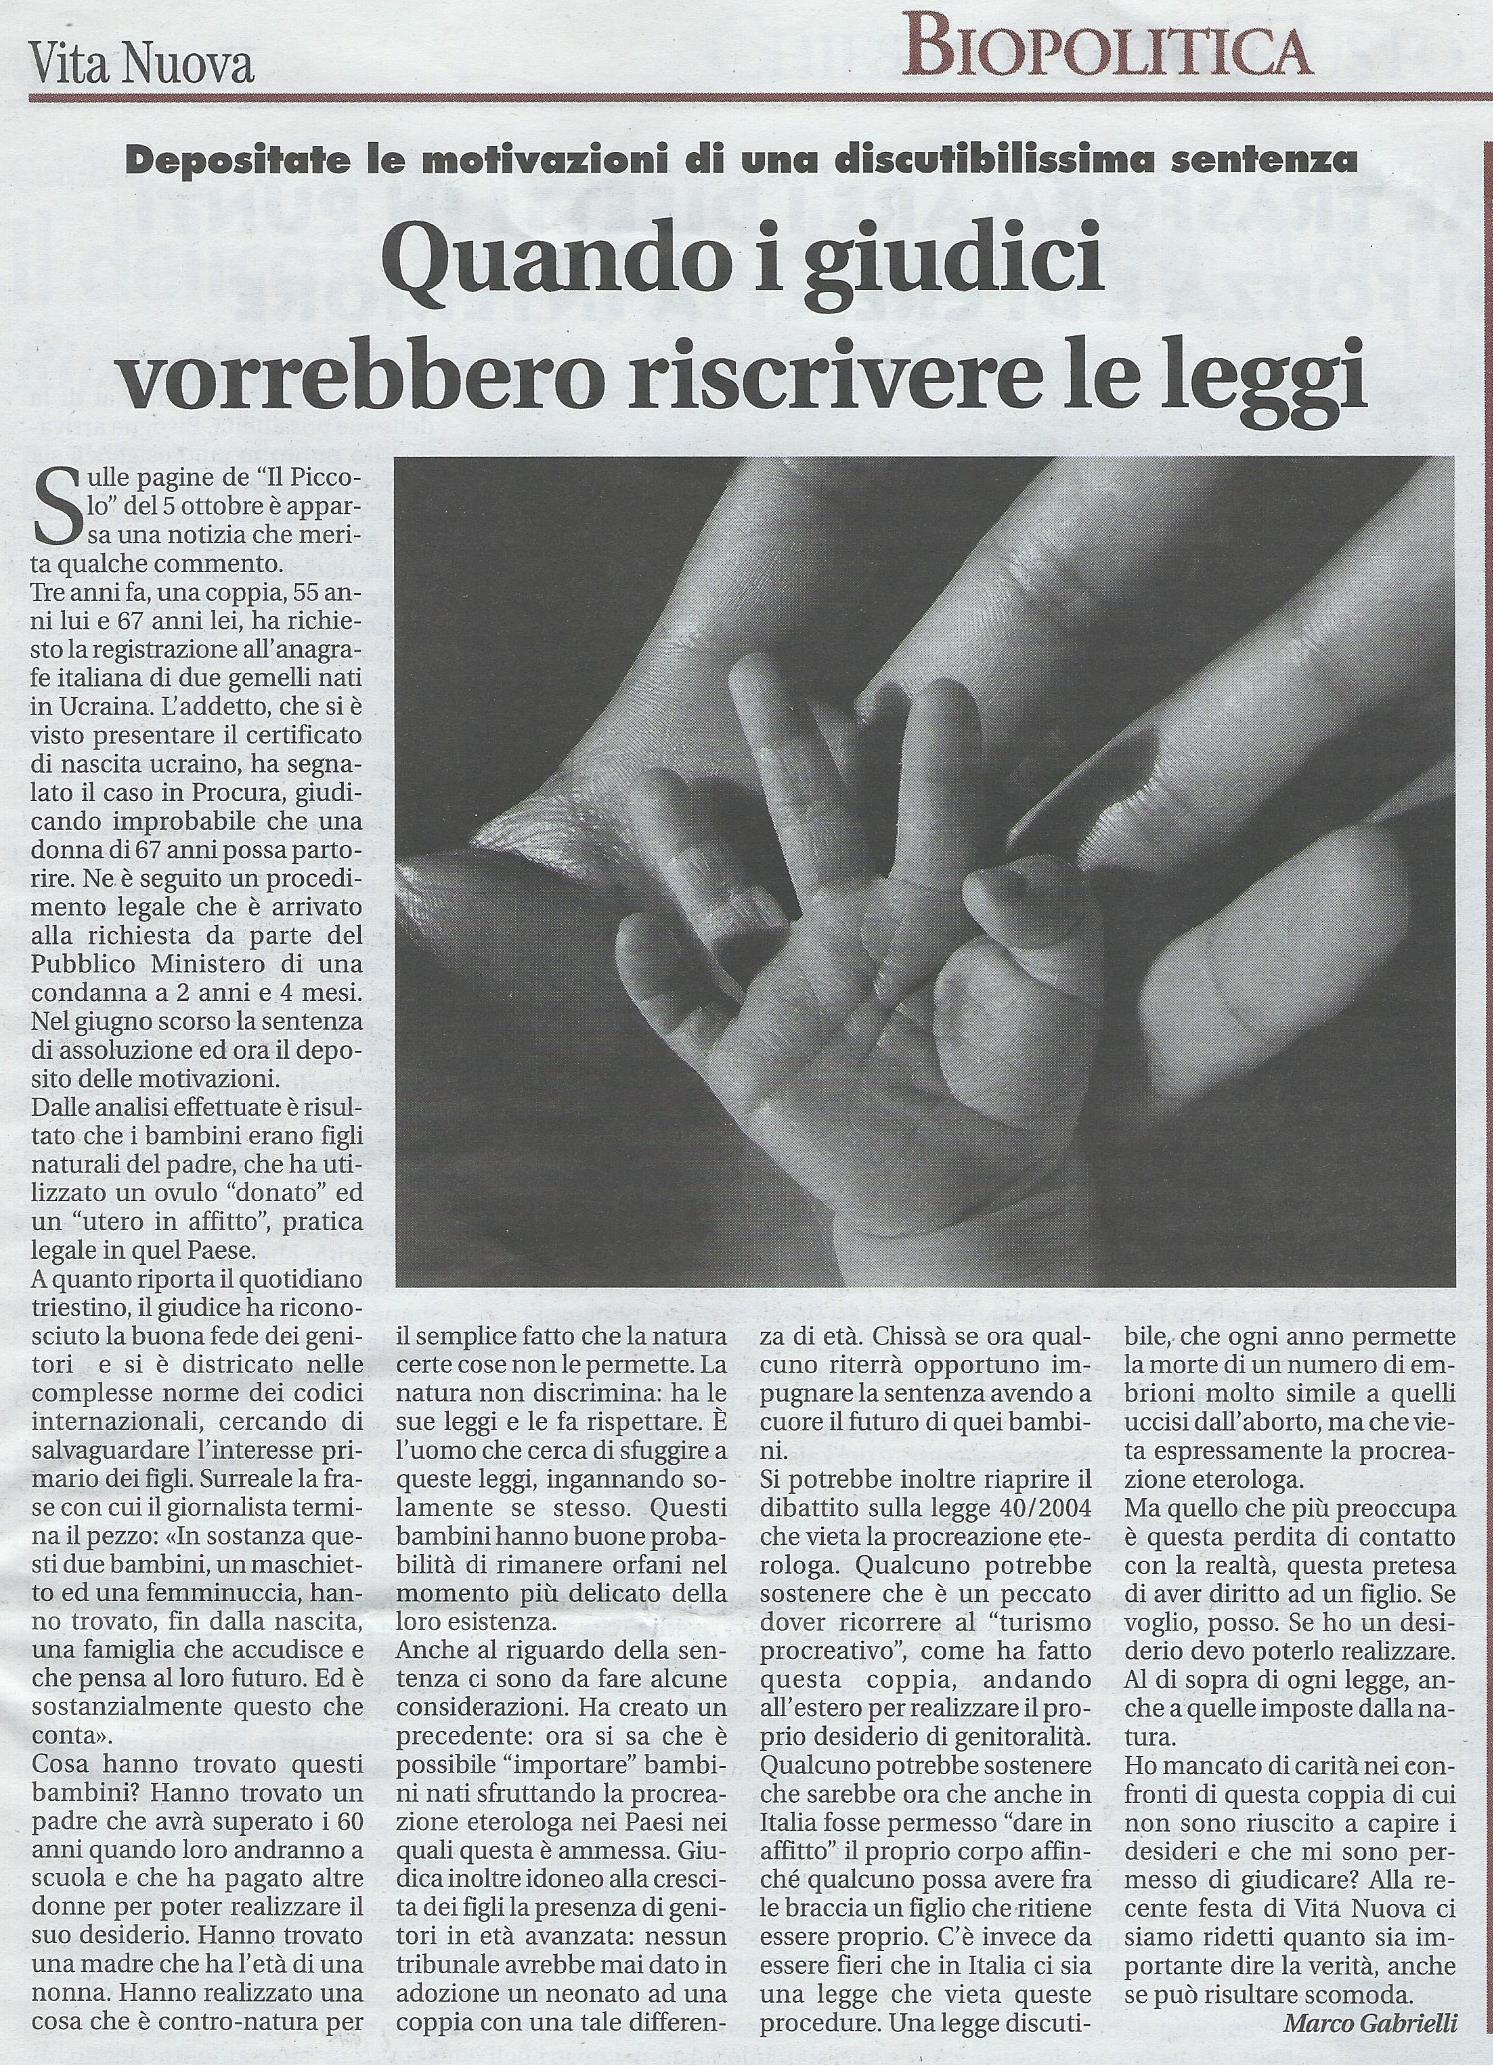 2013-10-11 Vita Nuova pagina 15 Su sentenza utero in affitto